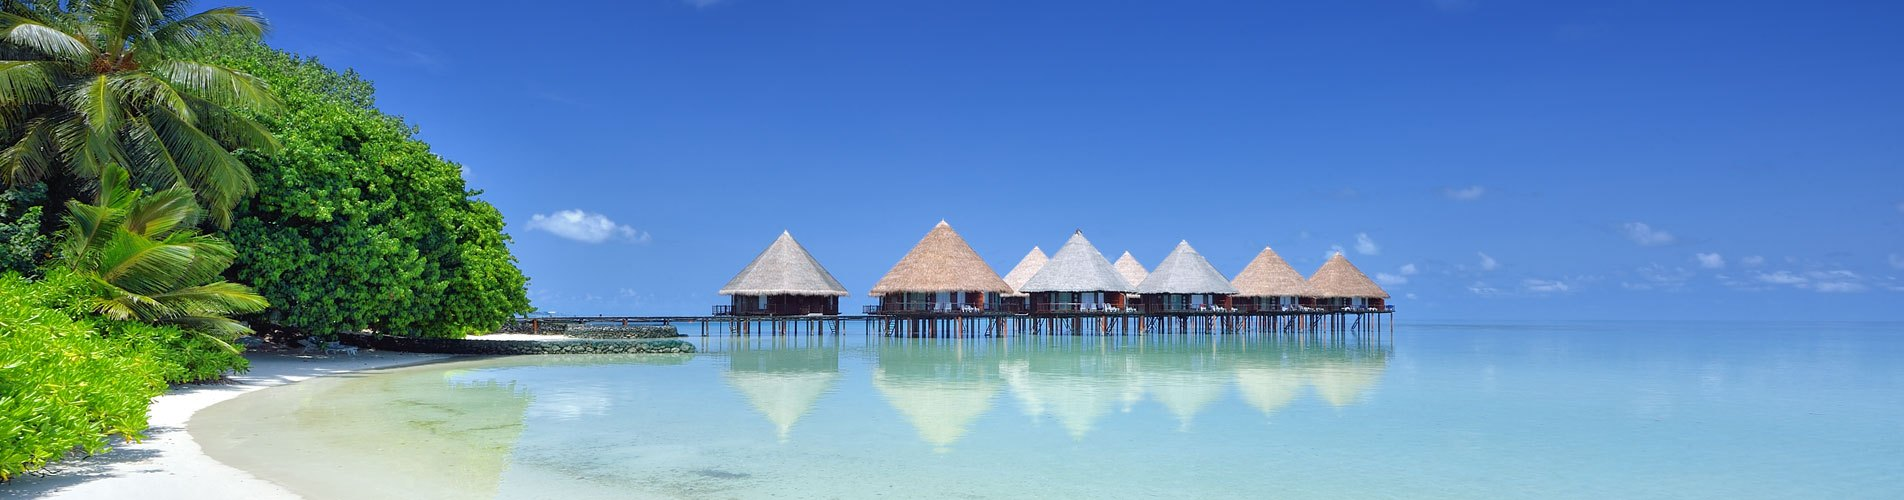 maldives 维利多岛 Velidhu Island Resort 漂亮马尔代夫图片相册集